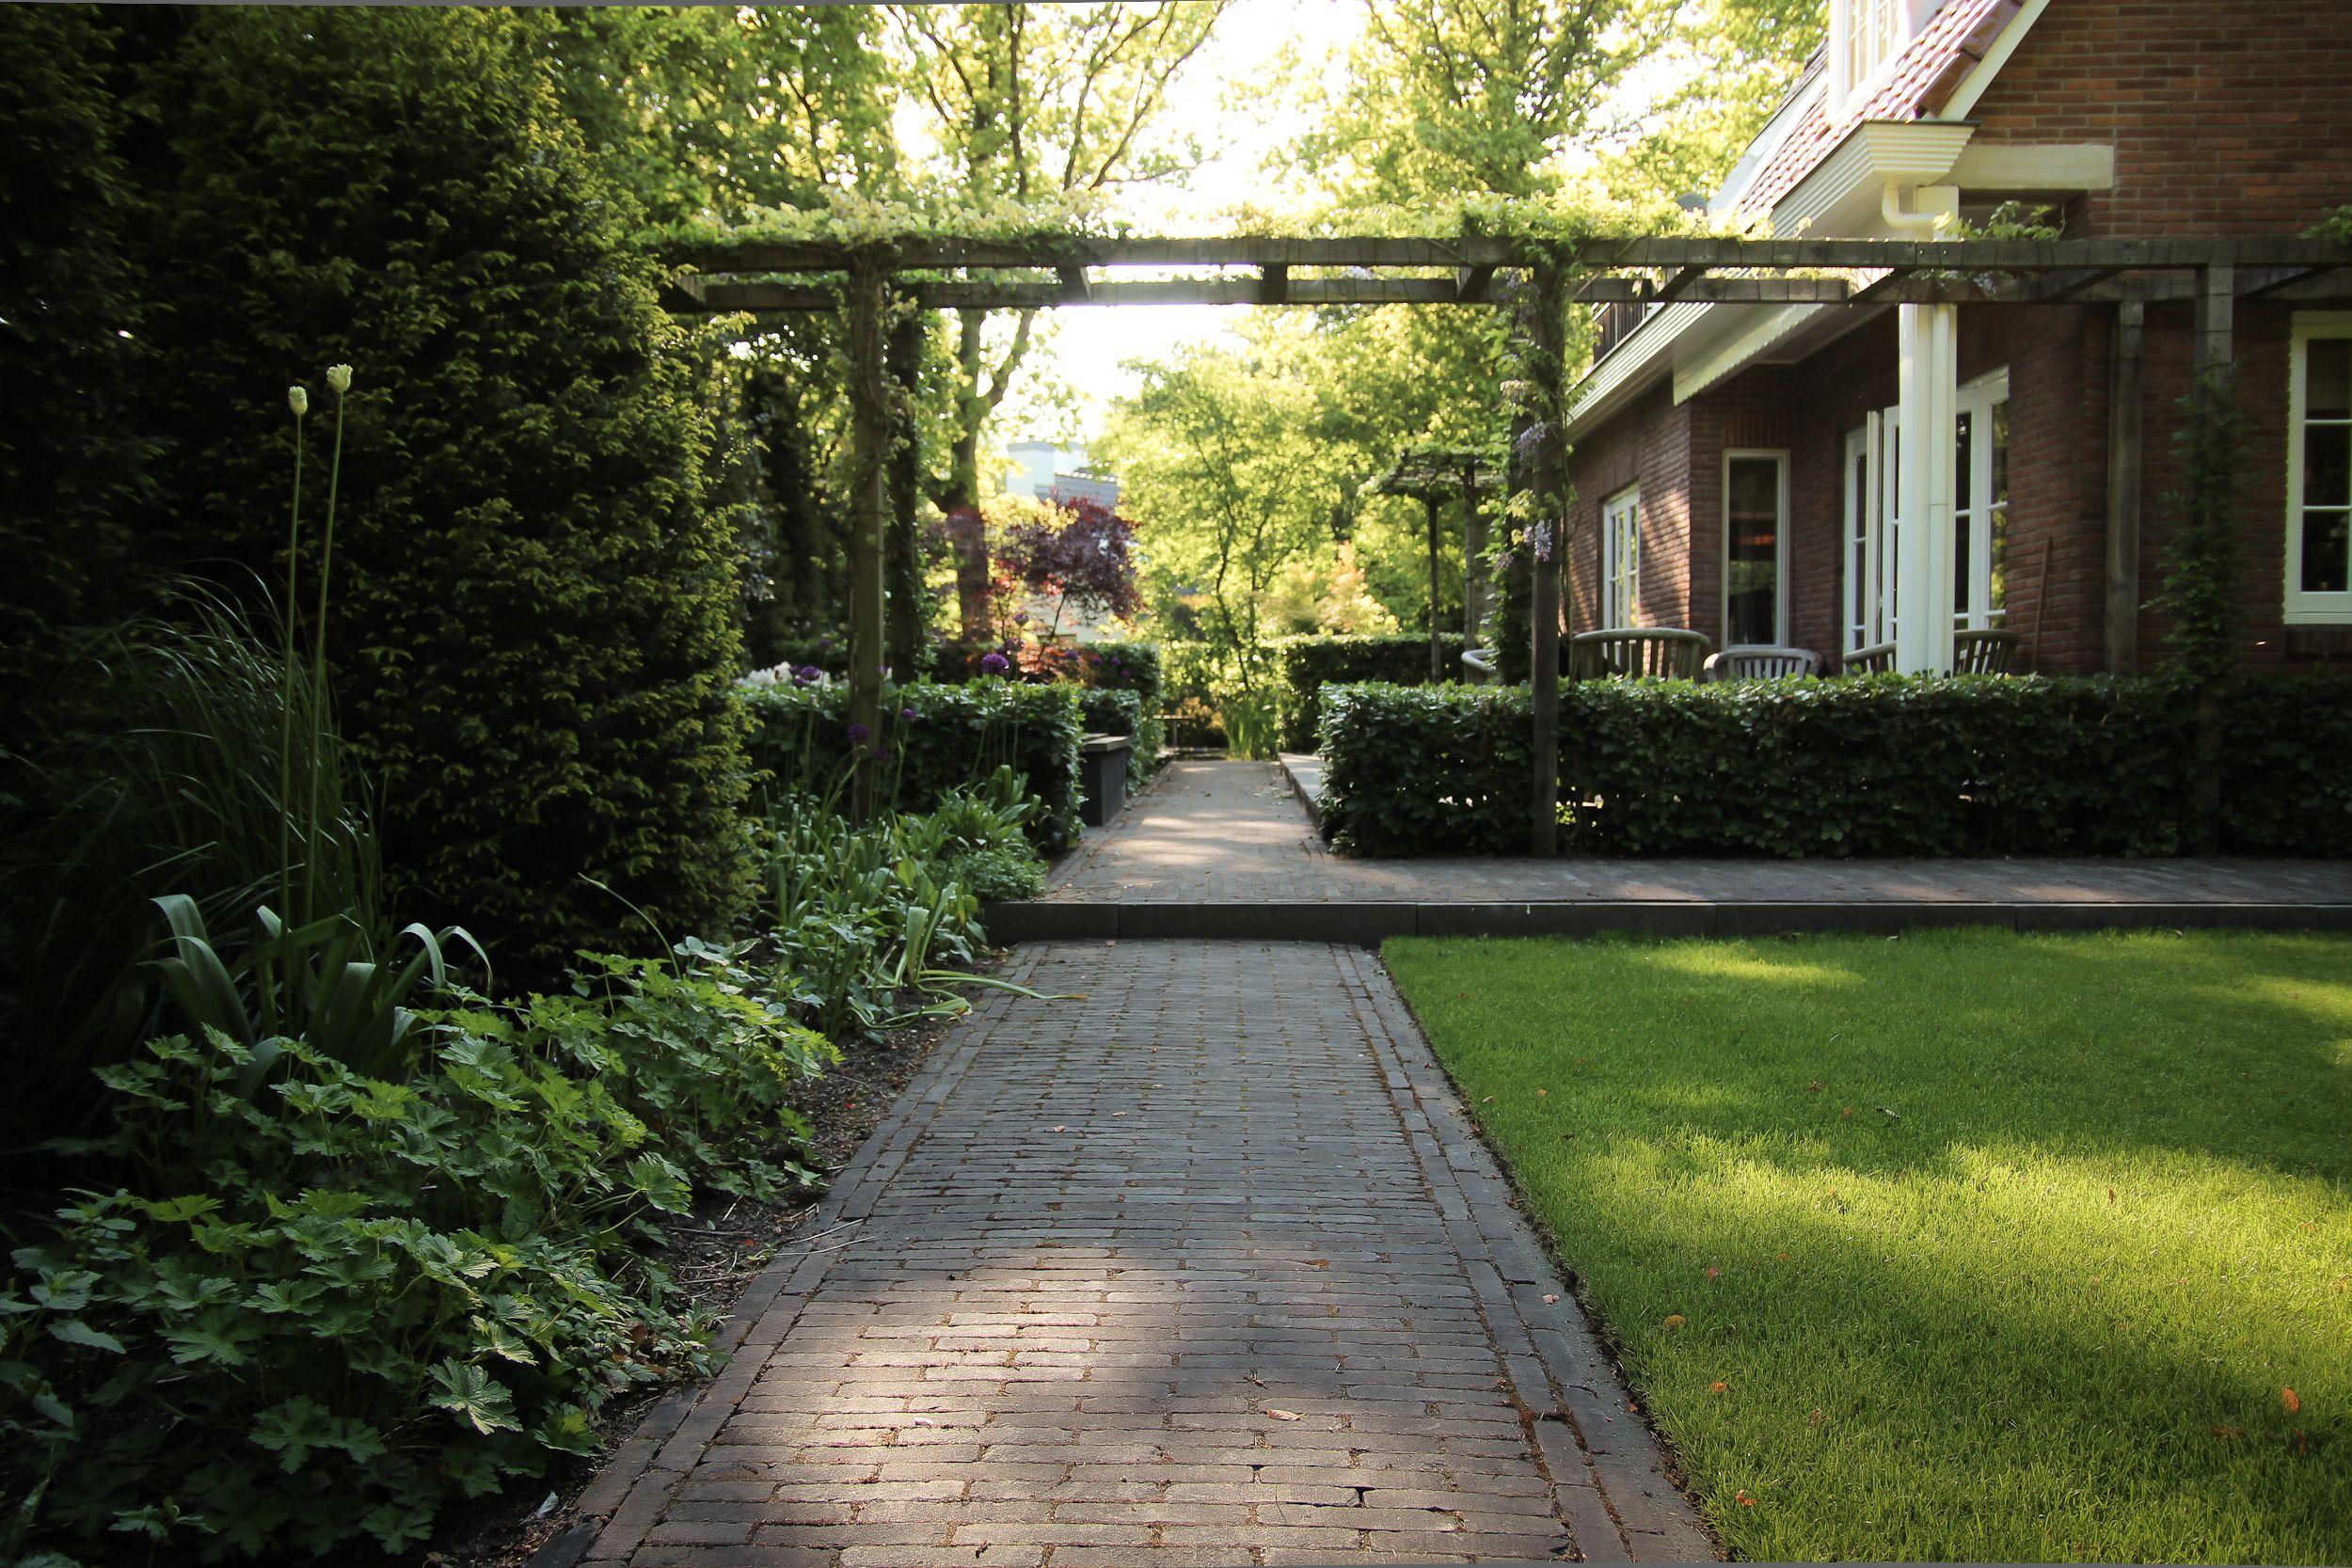 Deze dubbele pergola zorgt voor een verbinding tussen huis en tuin